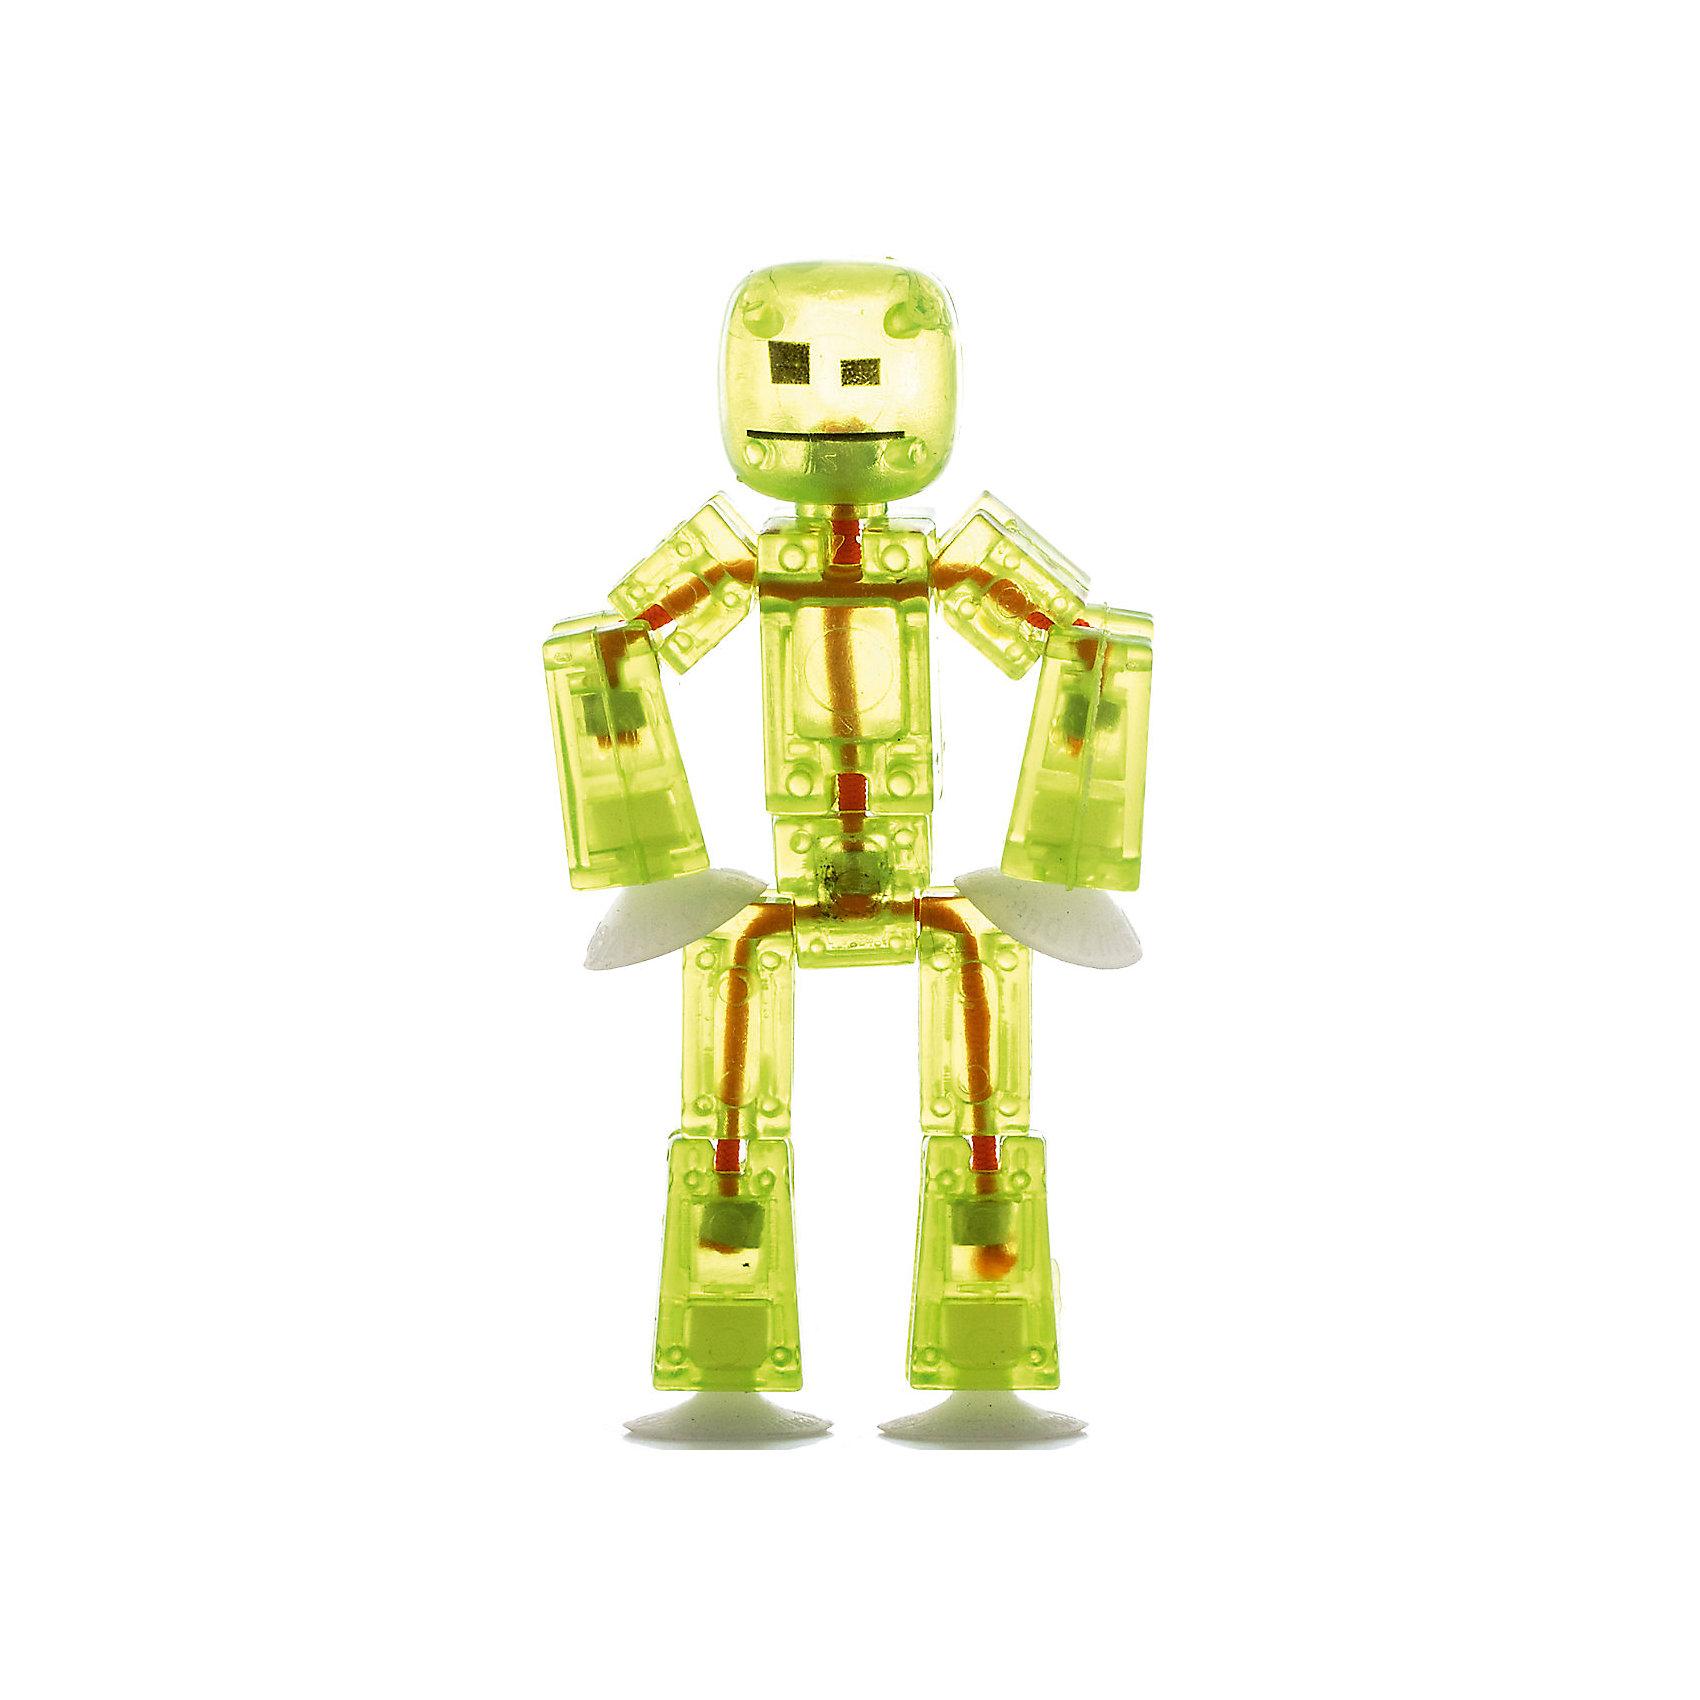 Игрушка-фигурка, желтая, Stikbot